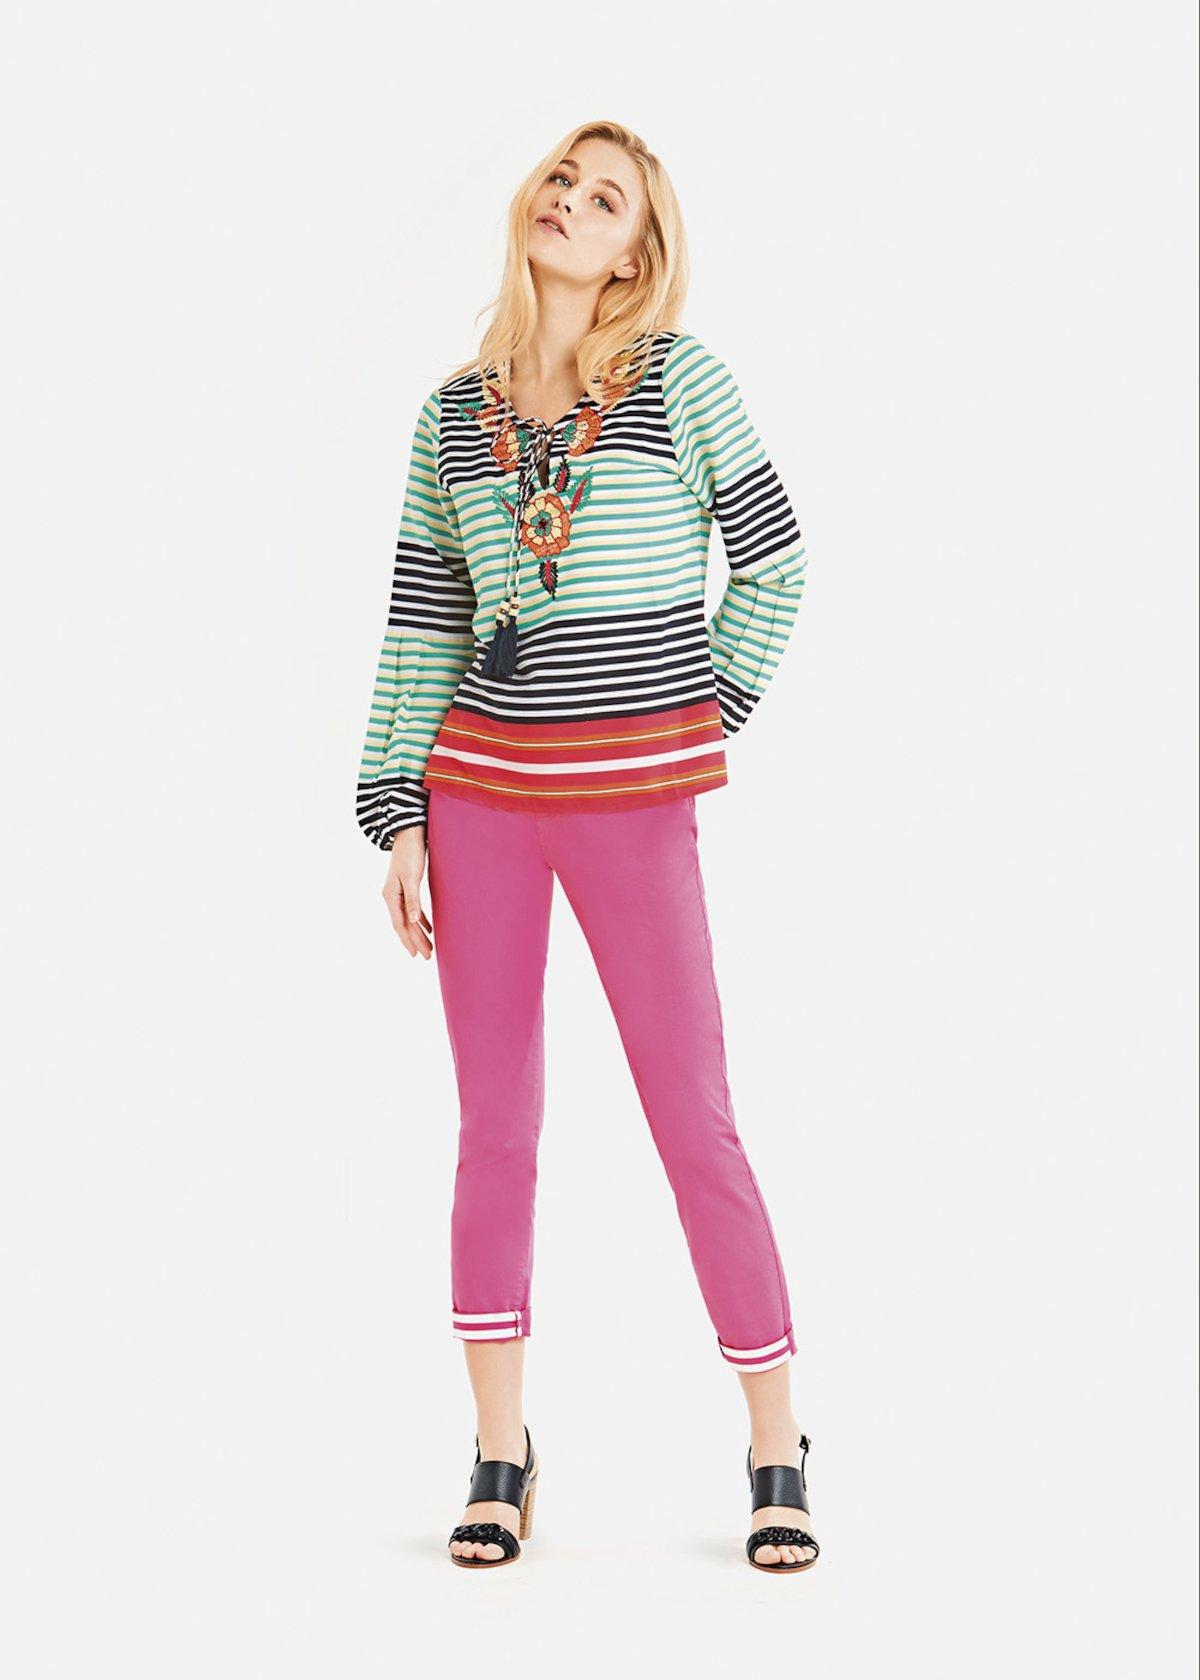 Blusa Katty a righe multicolor e dettaglio fiocco